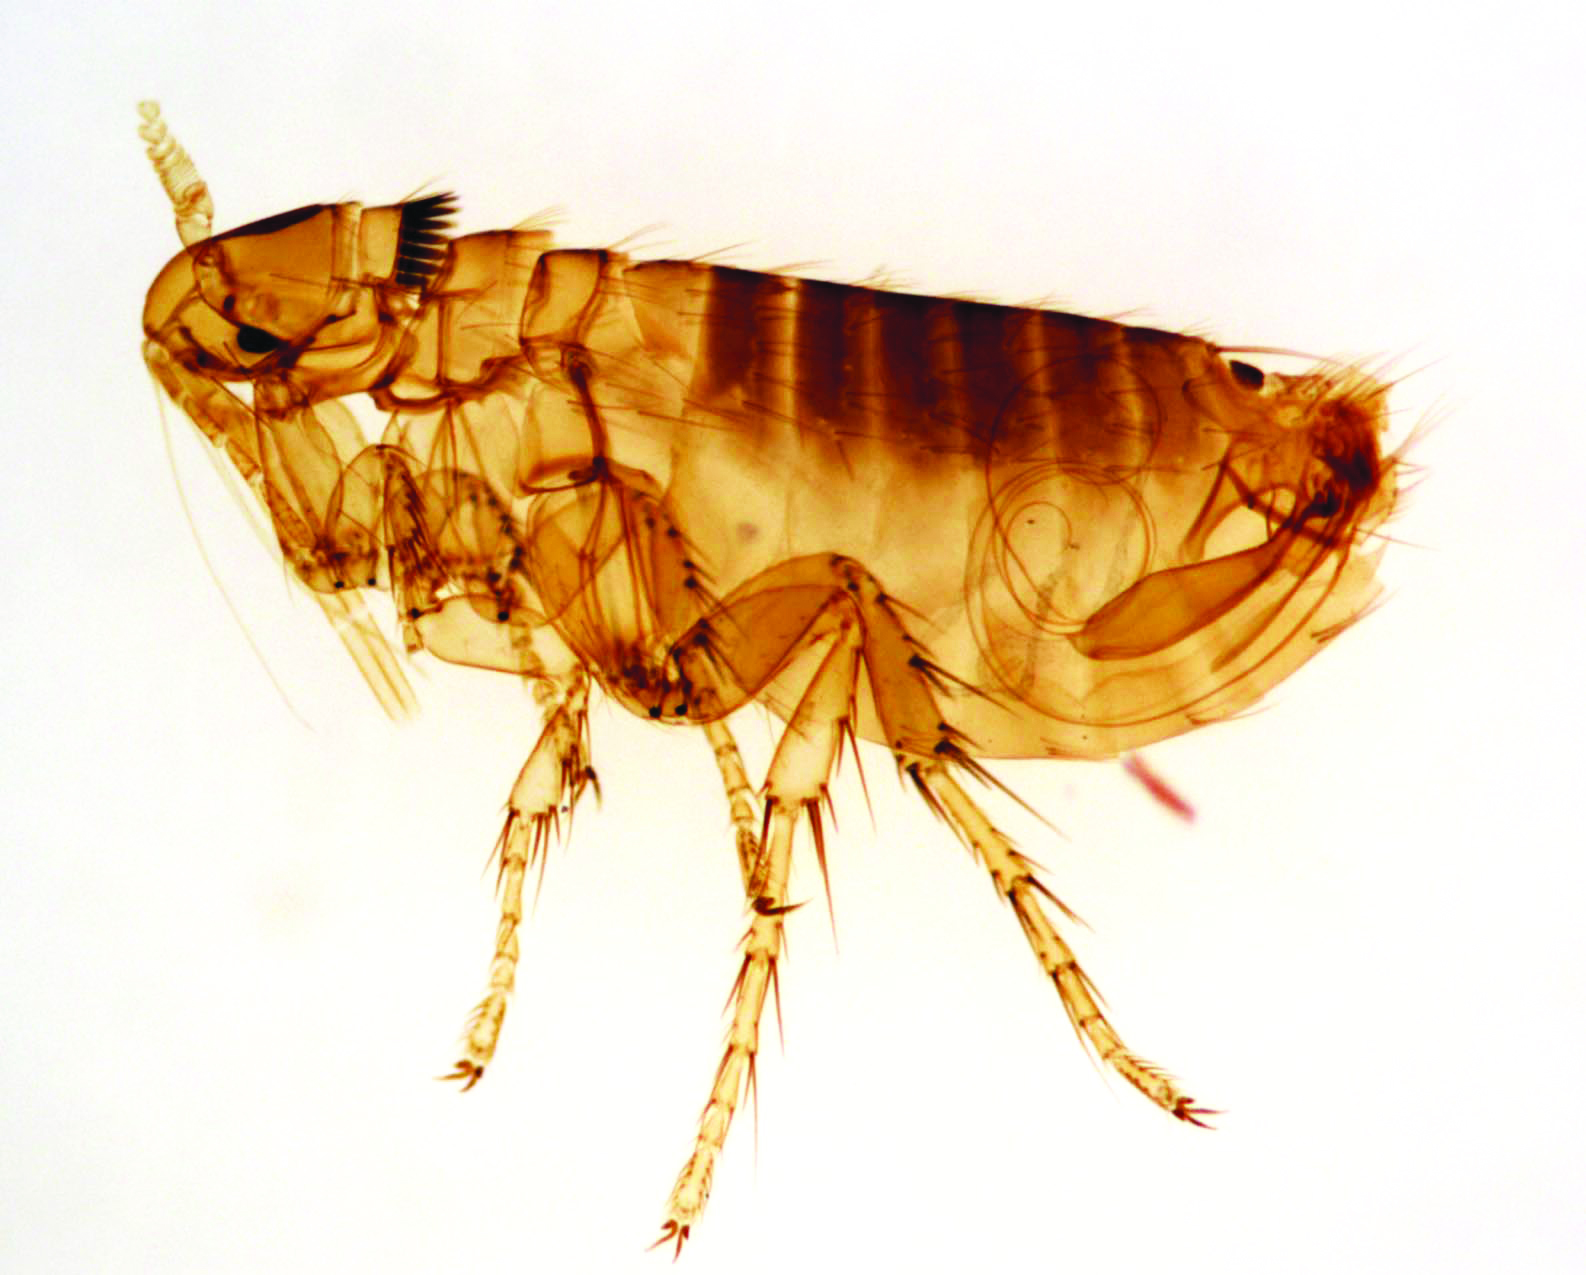 Carpenter Ant Infestation Home